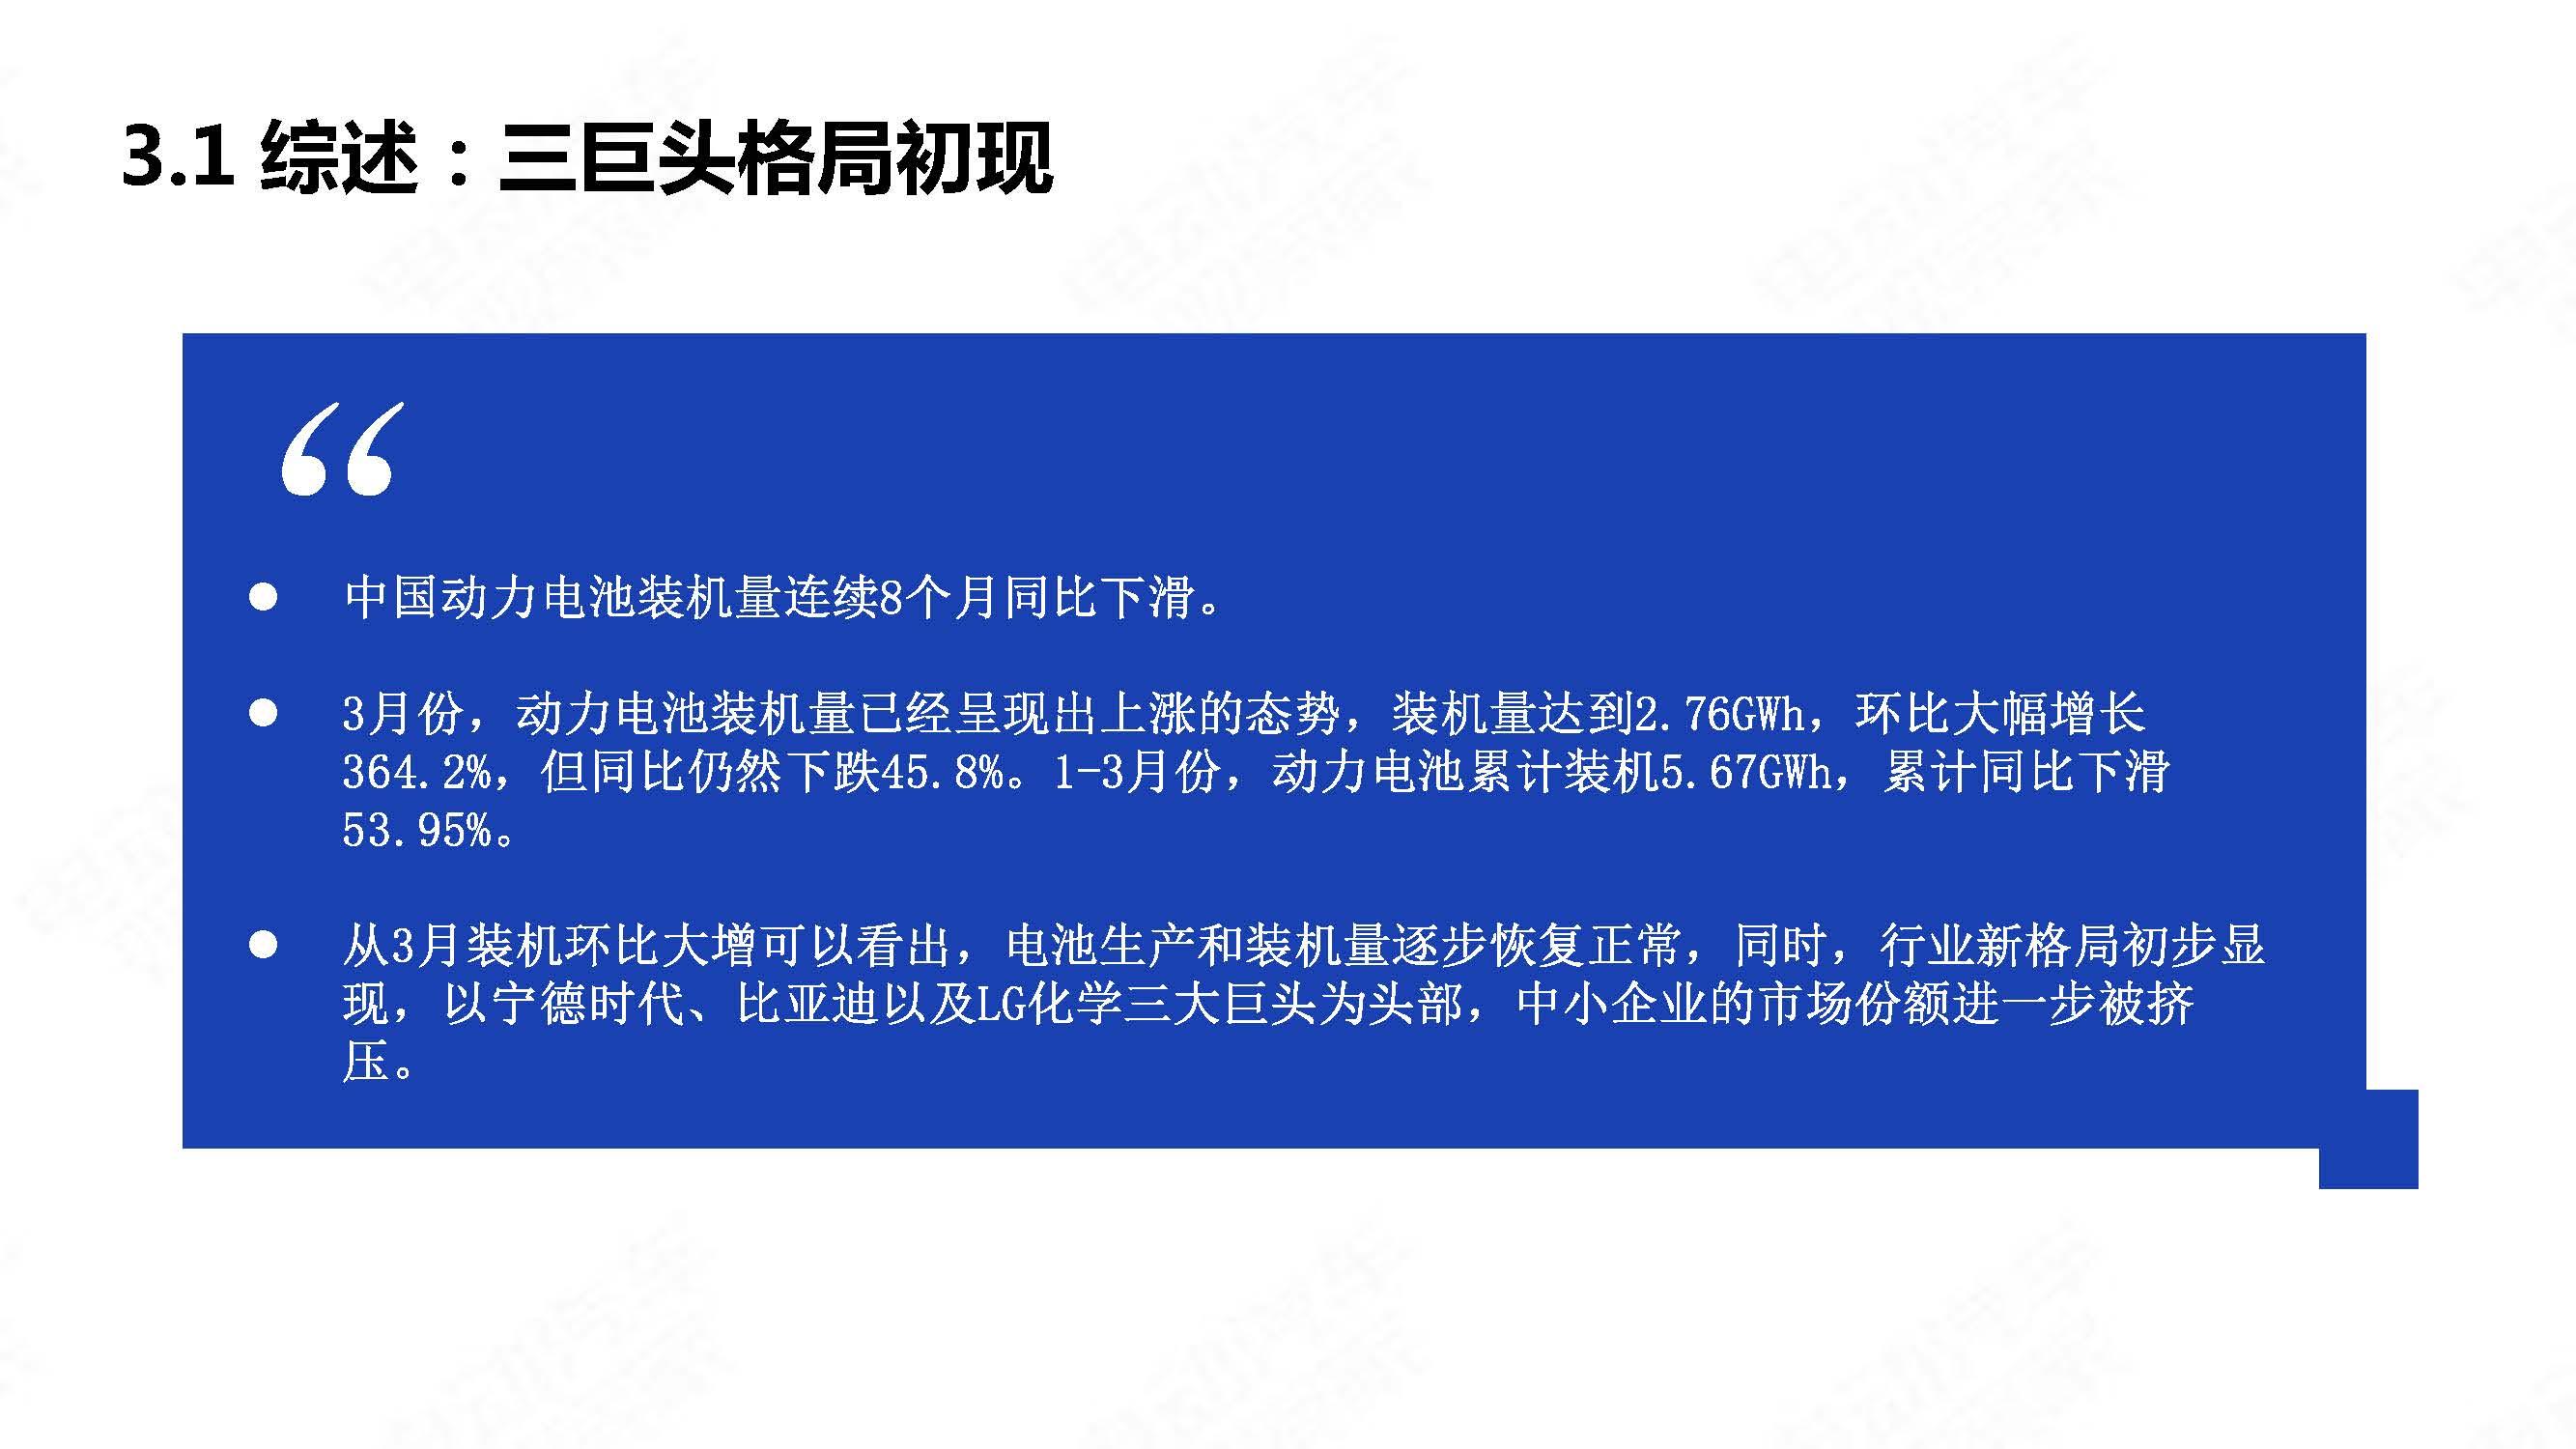 中国新能源汽车产业观察2020年3月简版_页面_21